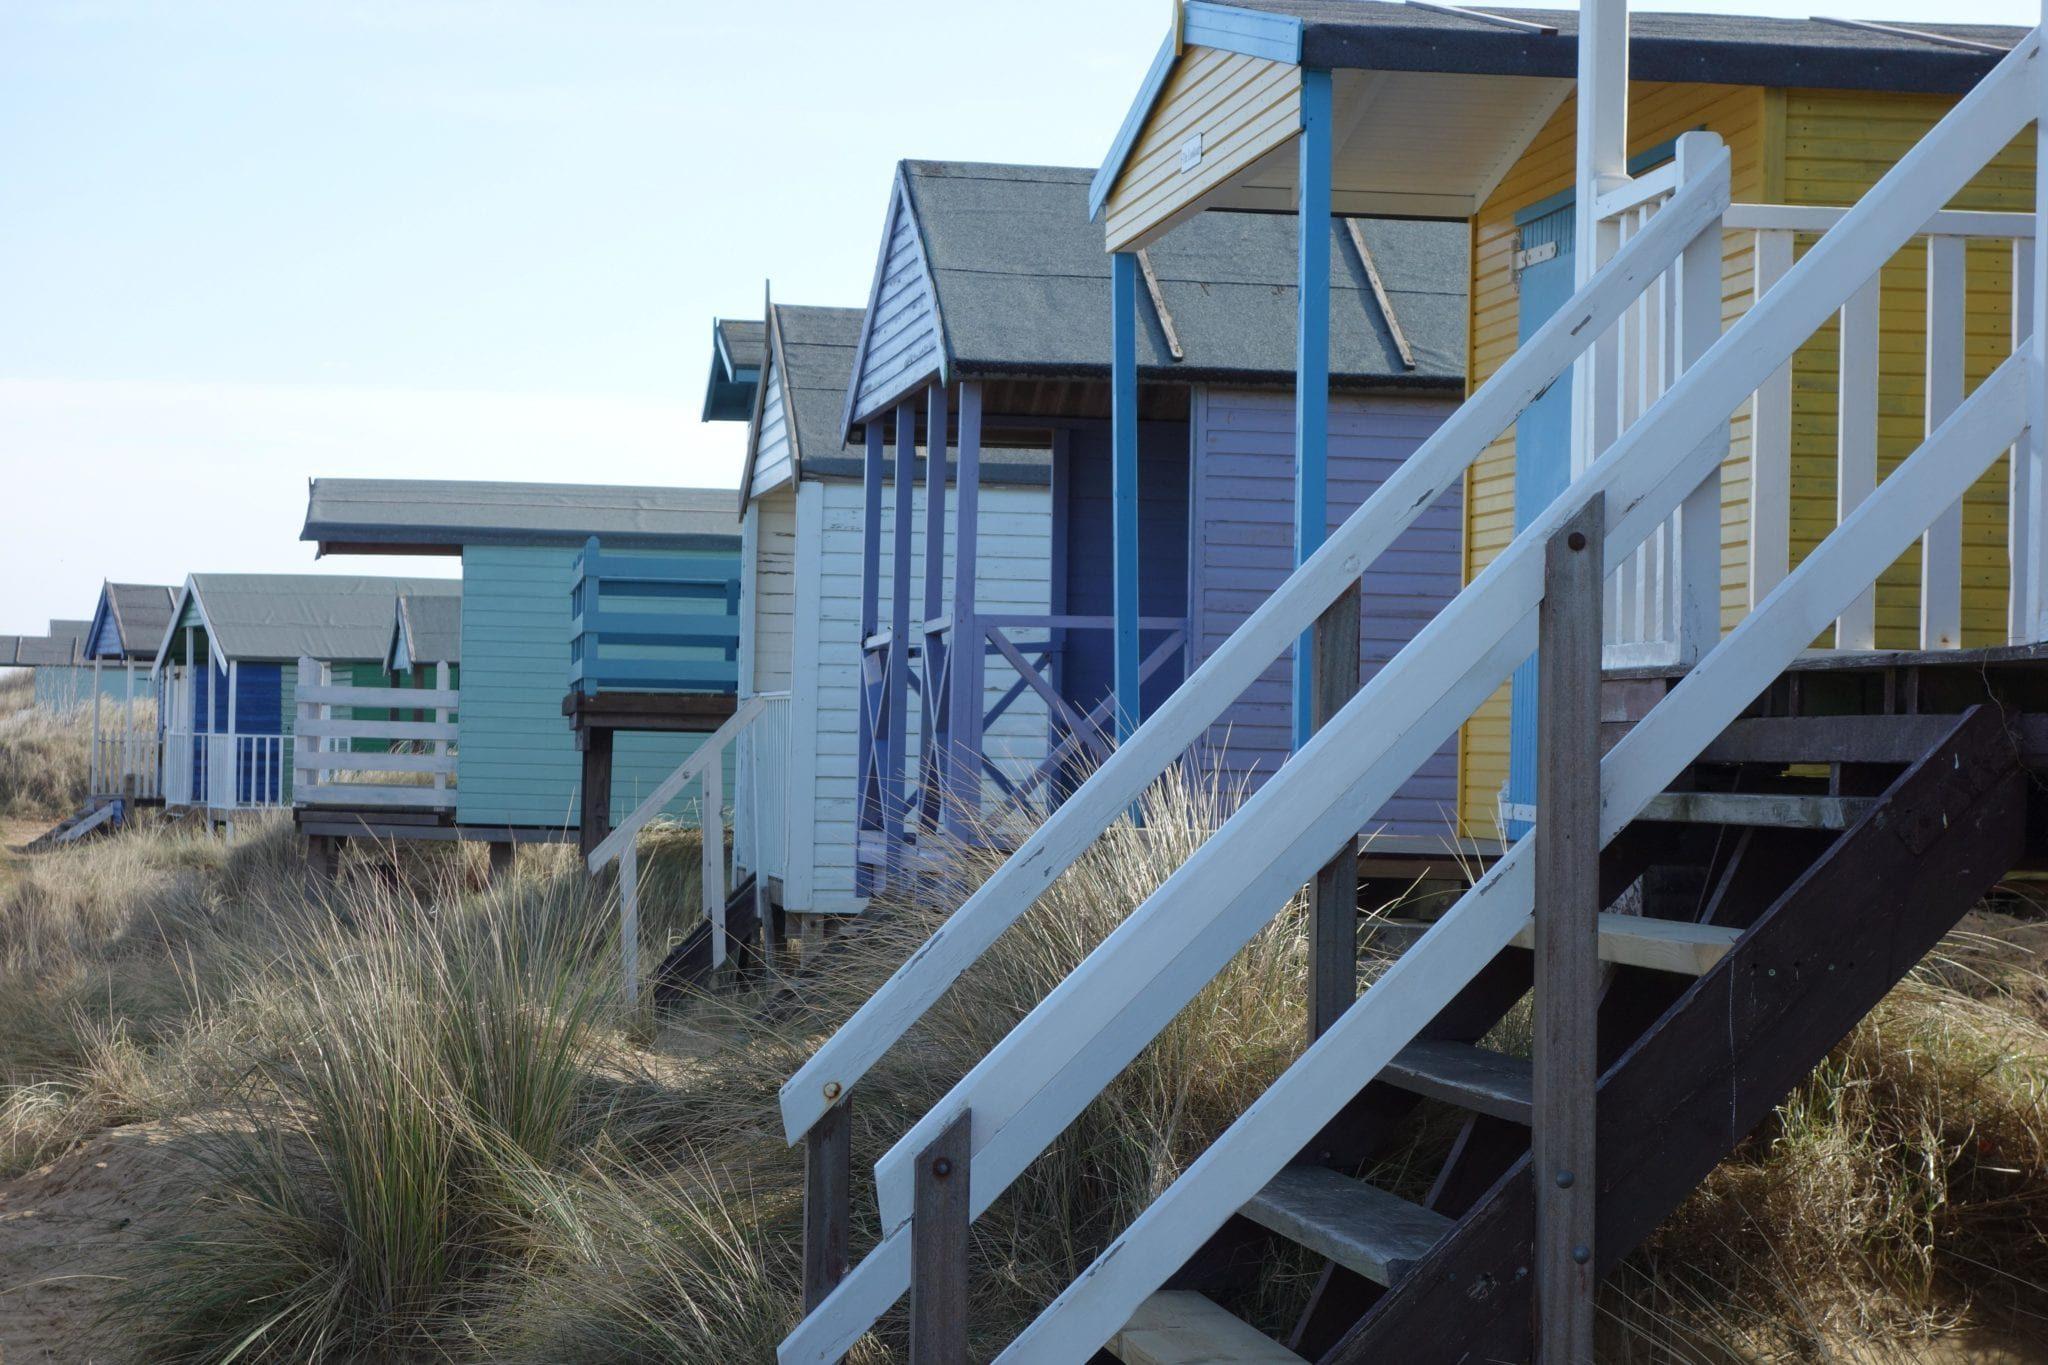 Beach houses near Caley Hall